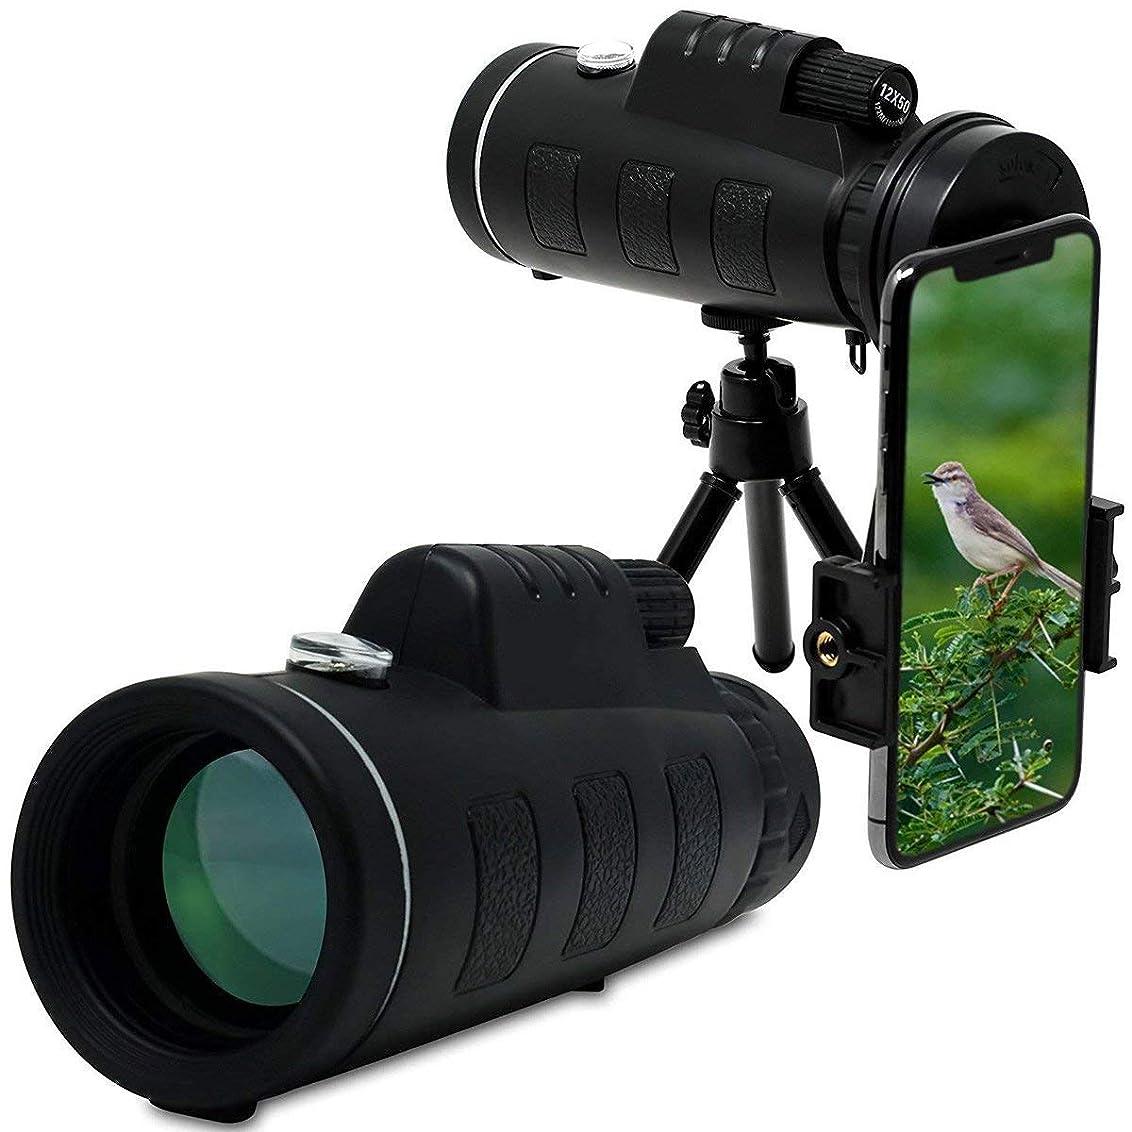 空虚投票ペデスタルMTX - 双眼鏡 単眼鏡 望遠鏡 スマートフォン 三脚 12×50 超透明 防水 耐衝撃 バードウォッチング 旅行 アウトドア 観光 スポーツウォッチング